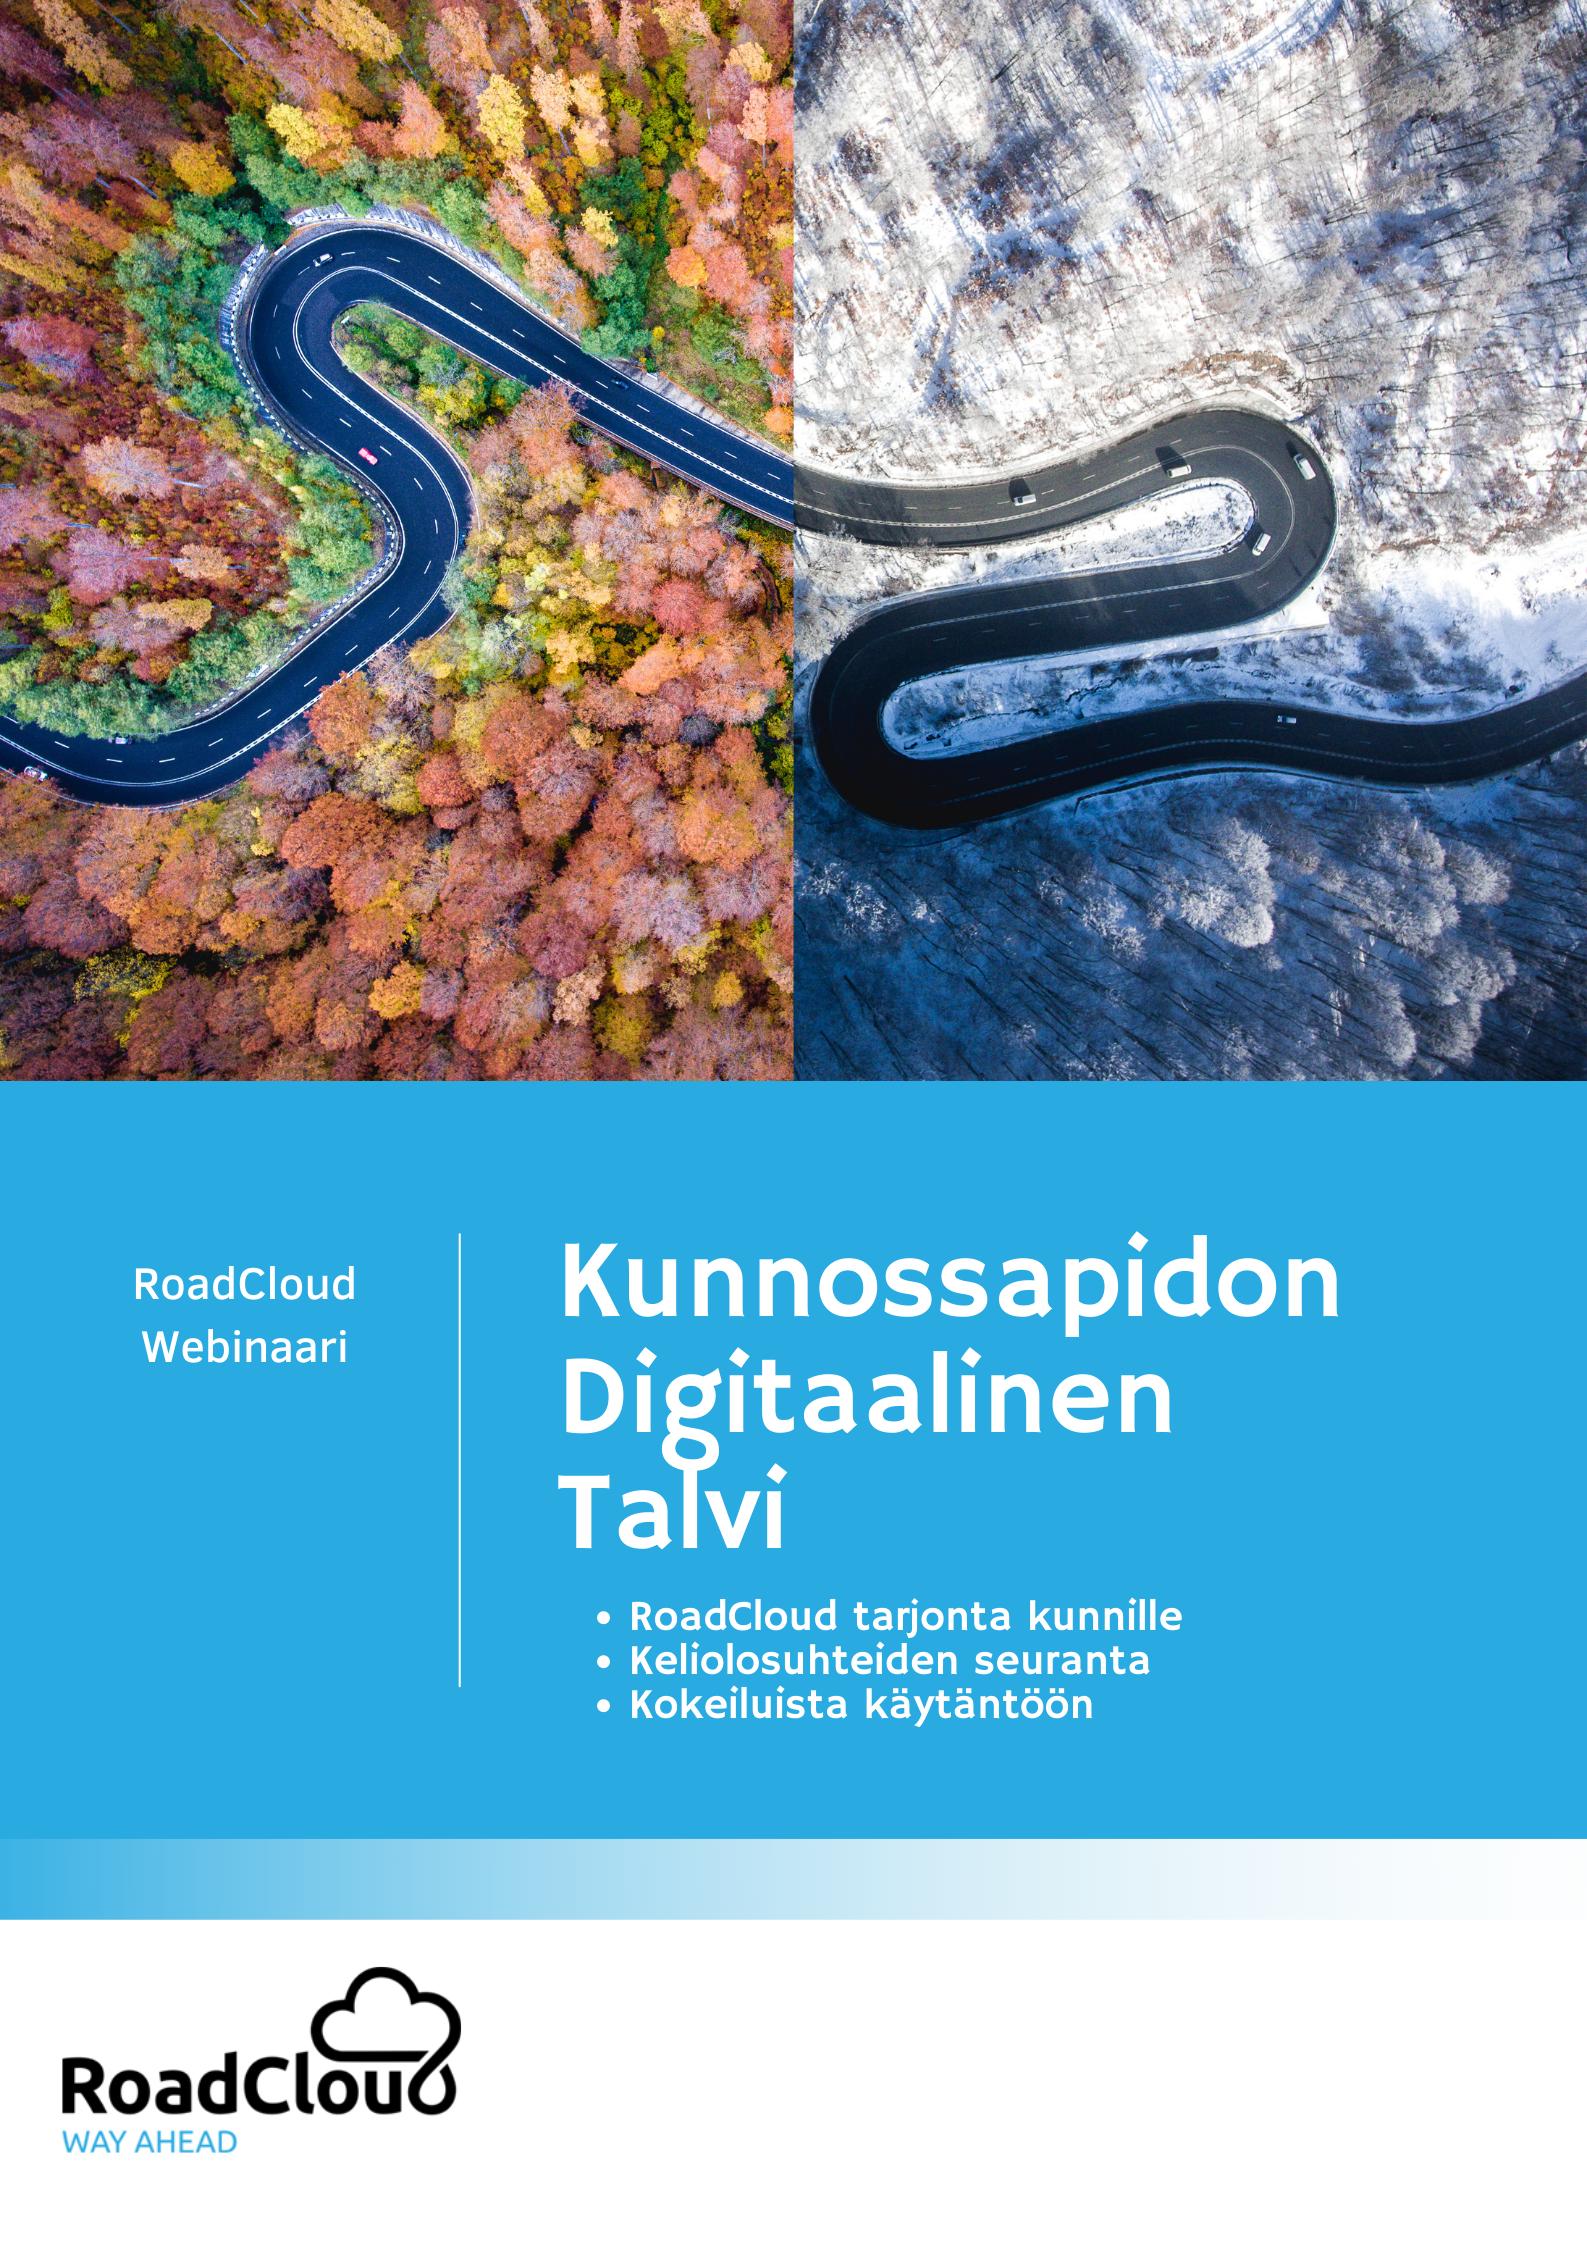 Kunnossapidon Digitaalinen Talvi (On-Demand, In Finnish)